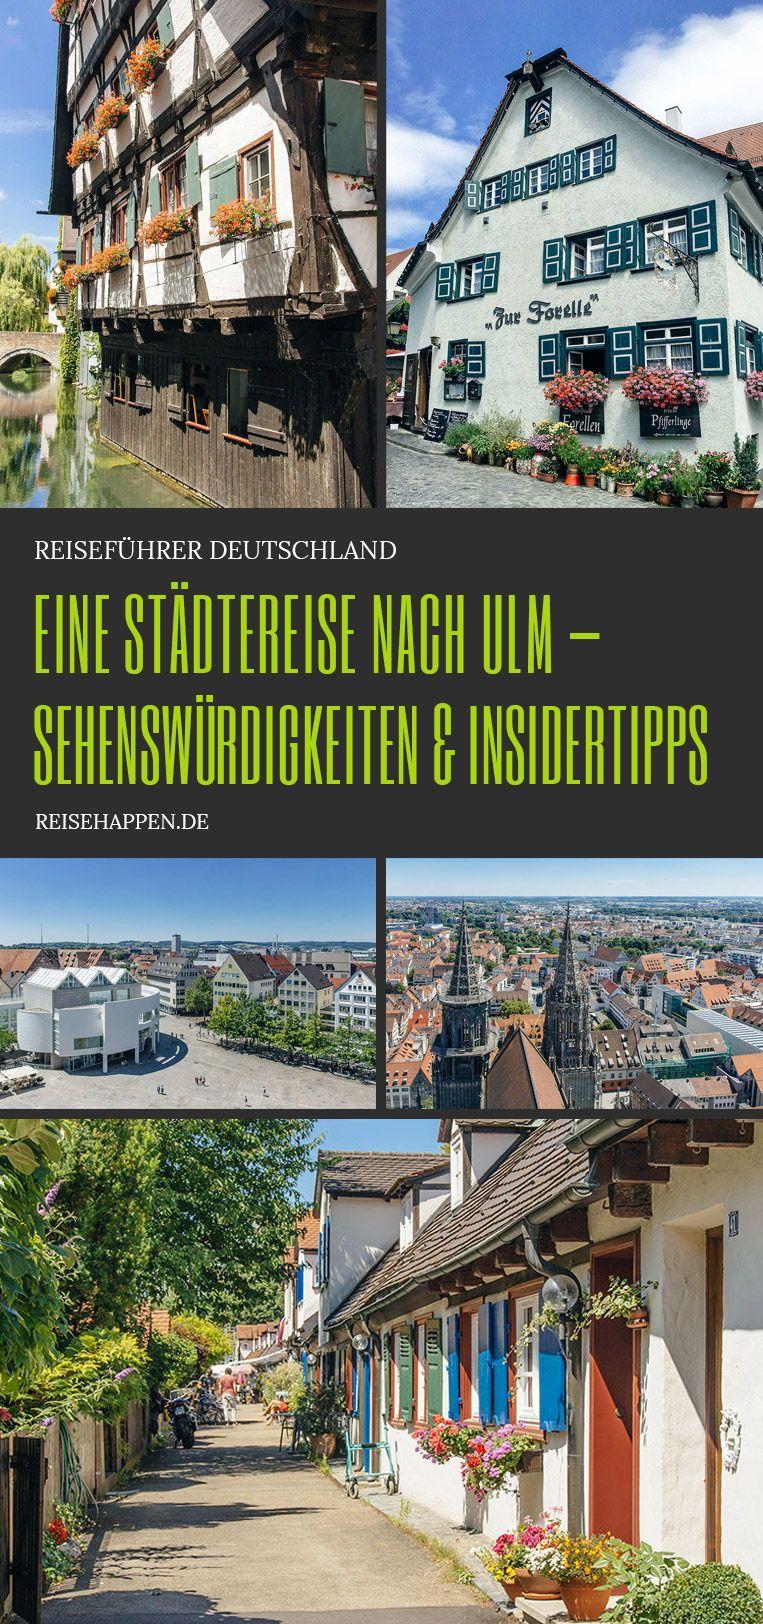 Ulm Sehenswurdigkeiten Insidertipps Reisehappen Reisen Urlaub In Deutschland Ulm